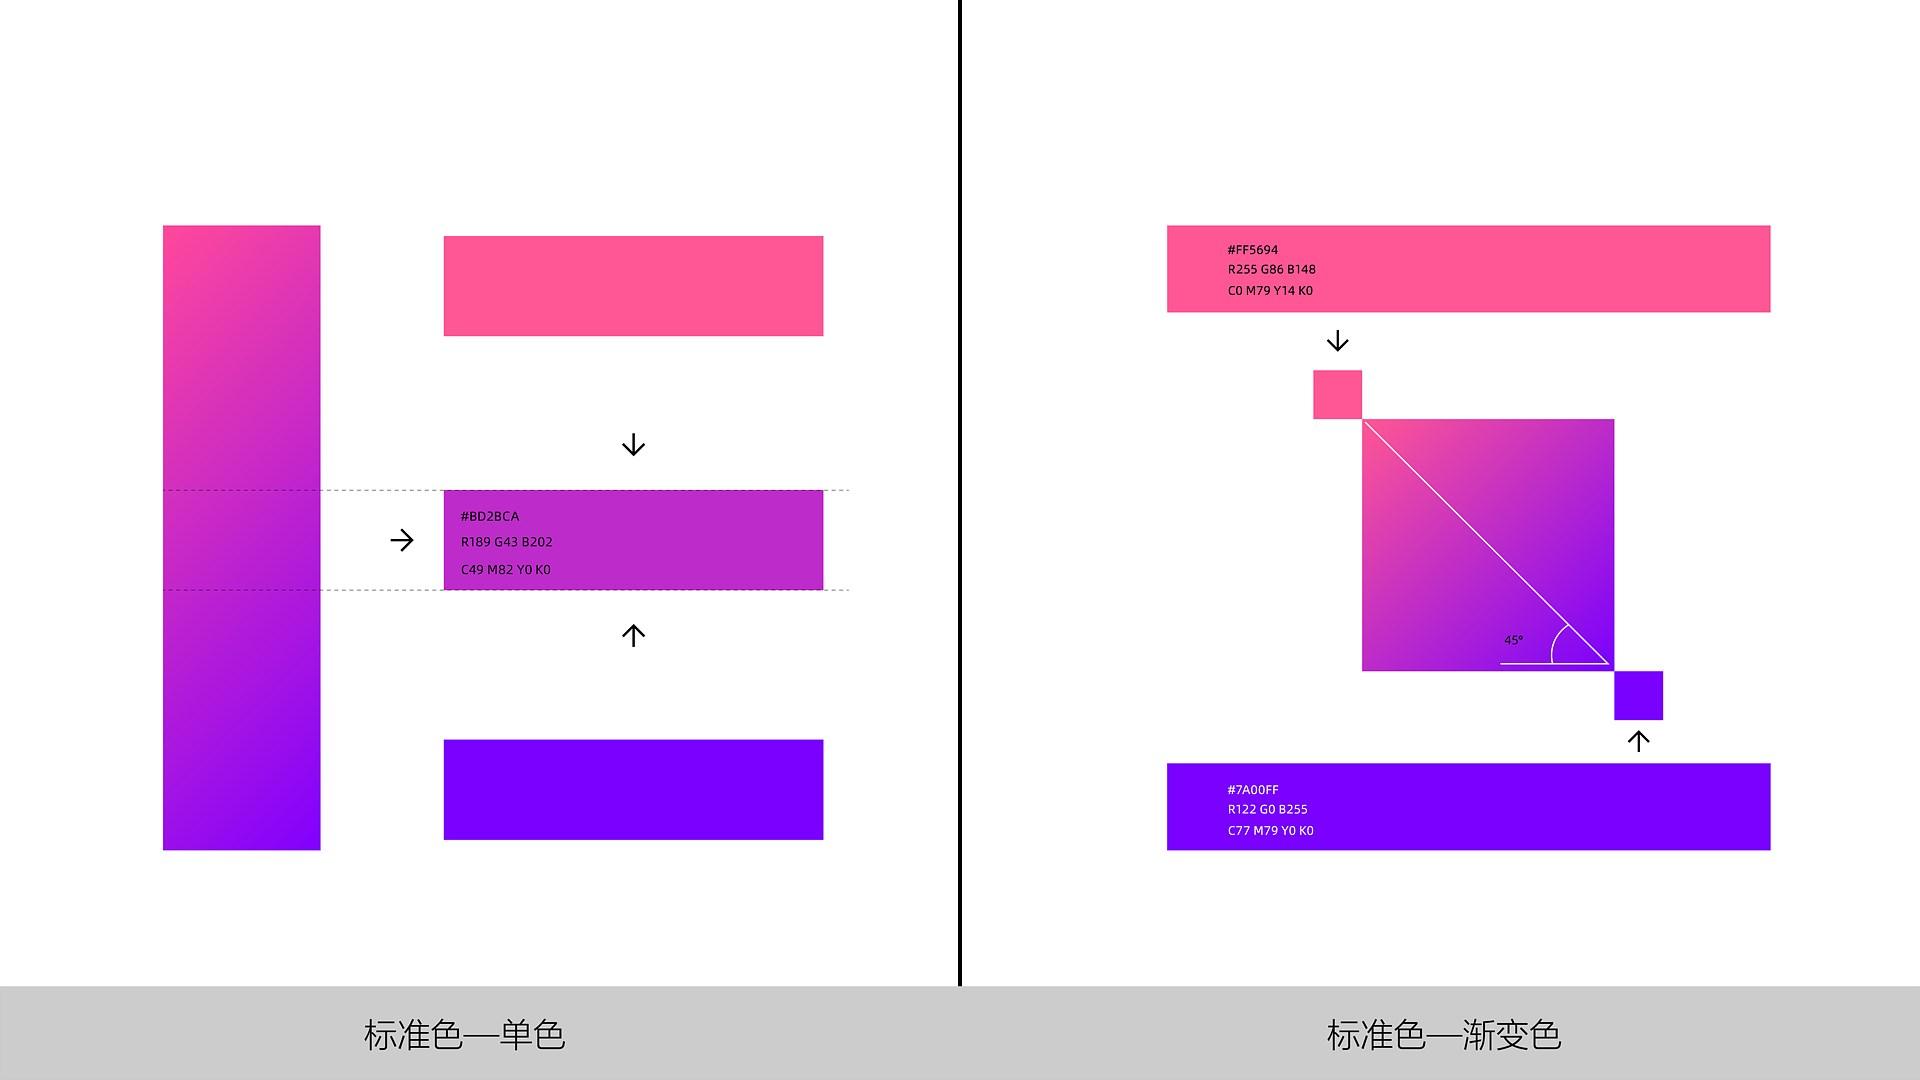 2019-详情页-珍爱-05.jpg